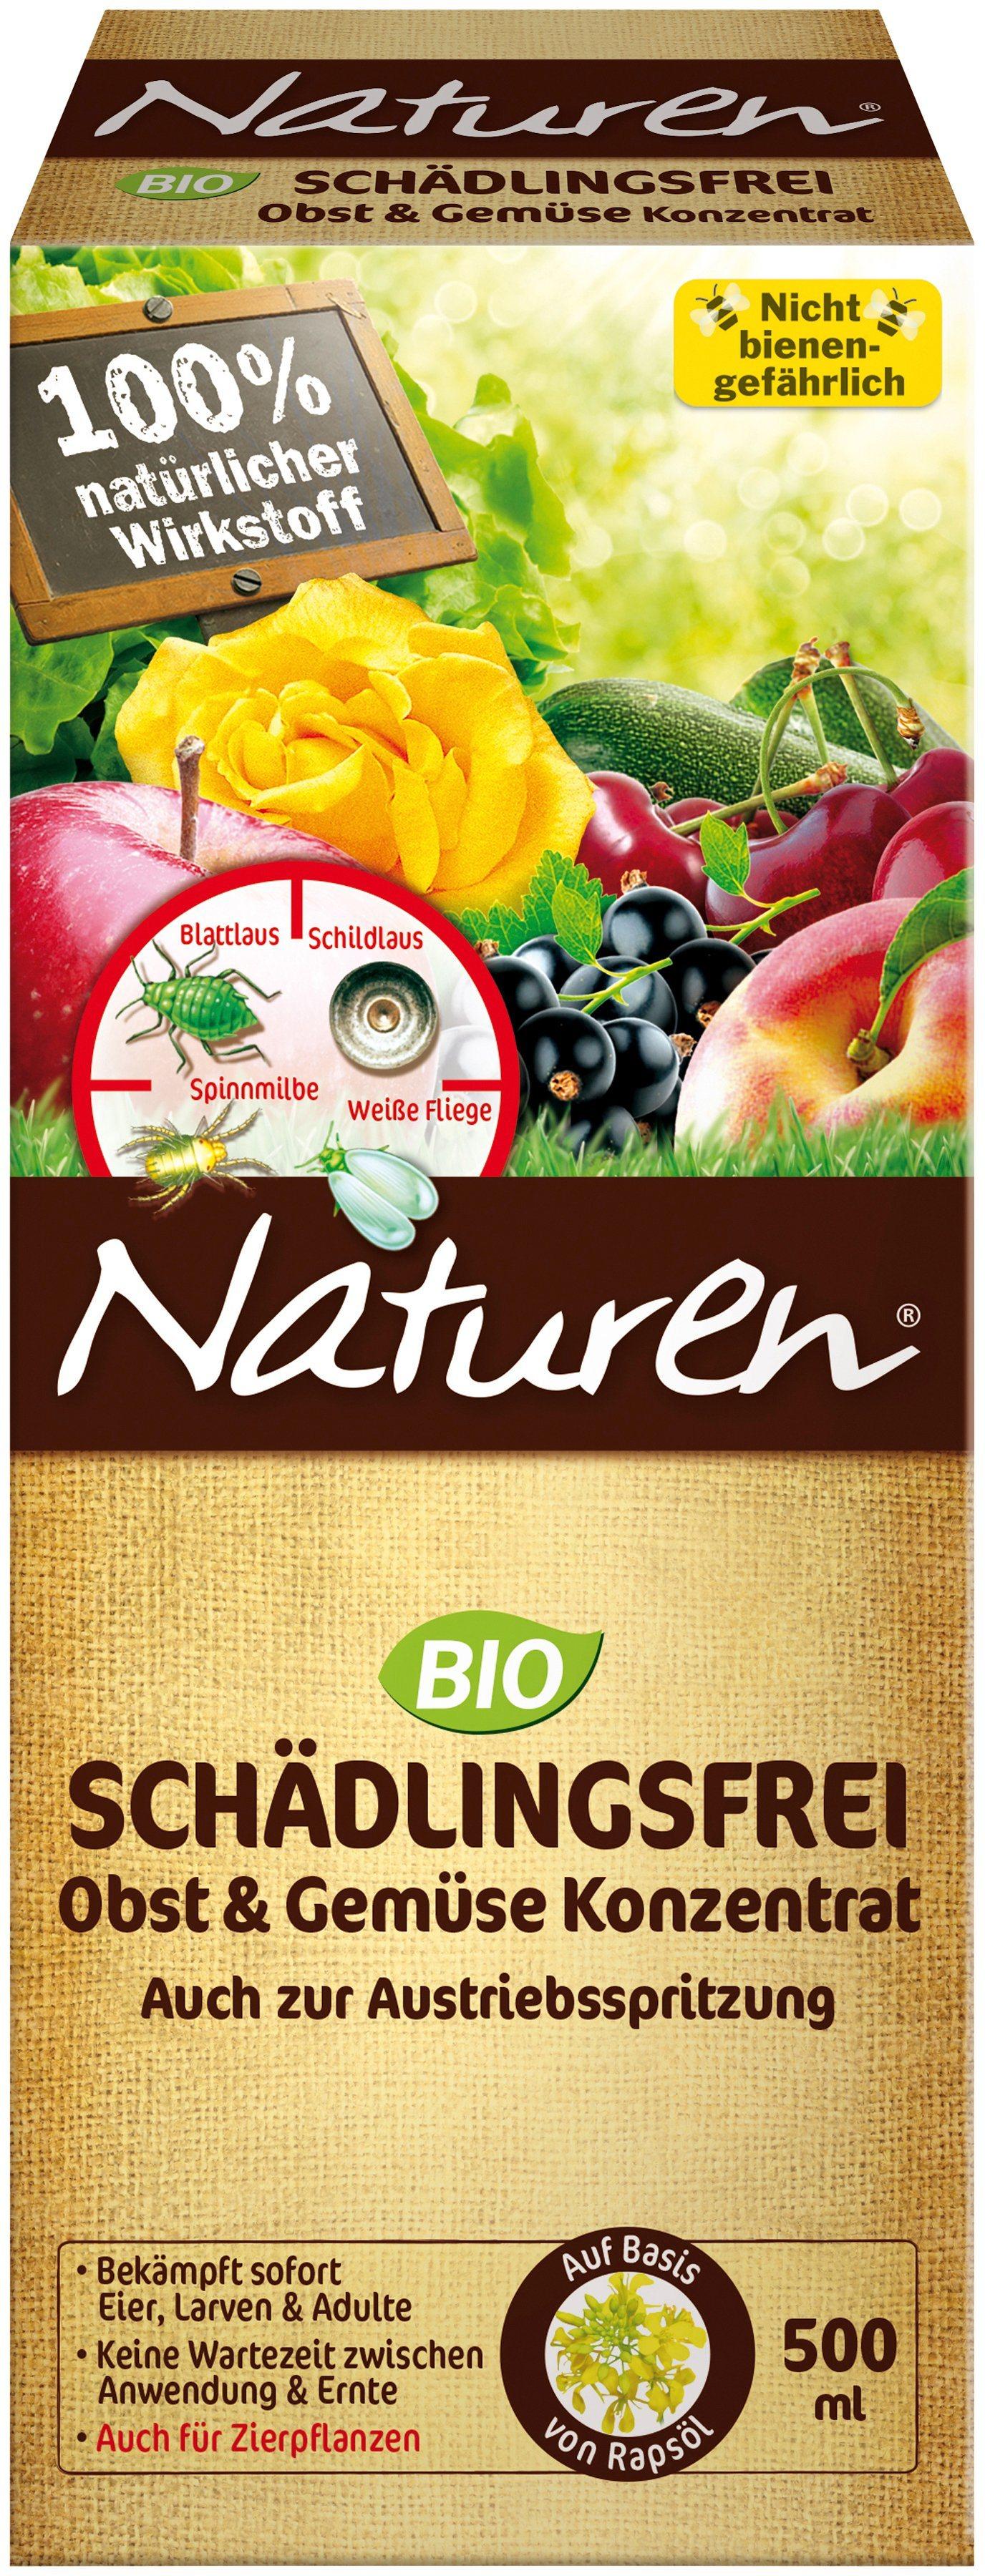 NATUREN Pflanzenschutzmittel »Bio Schädlingsfrei «, für Obst und Gemüse, 500 ml | Garten > Pflanzen > Pflanzkästen | Scotts Naturen